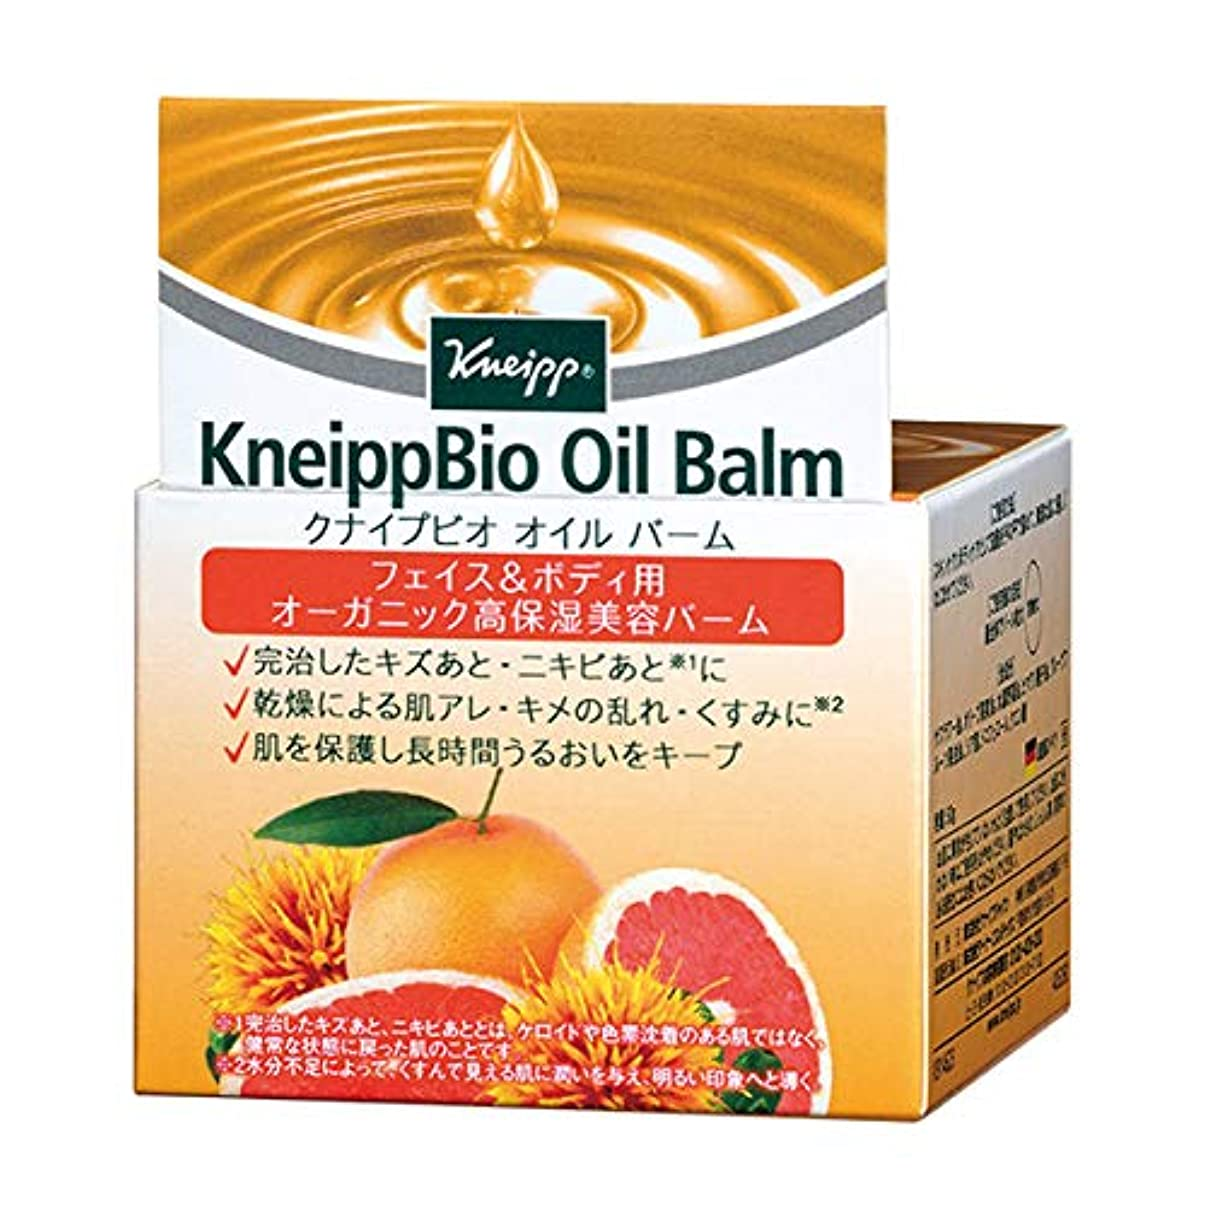 裏切り者スリラー平方クナイプ(Kneipp) クナイプビオ オイル バーム 50g 美容液